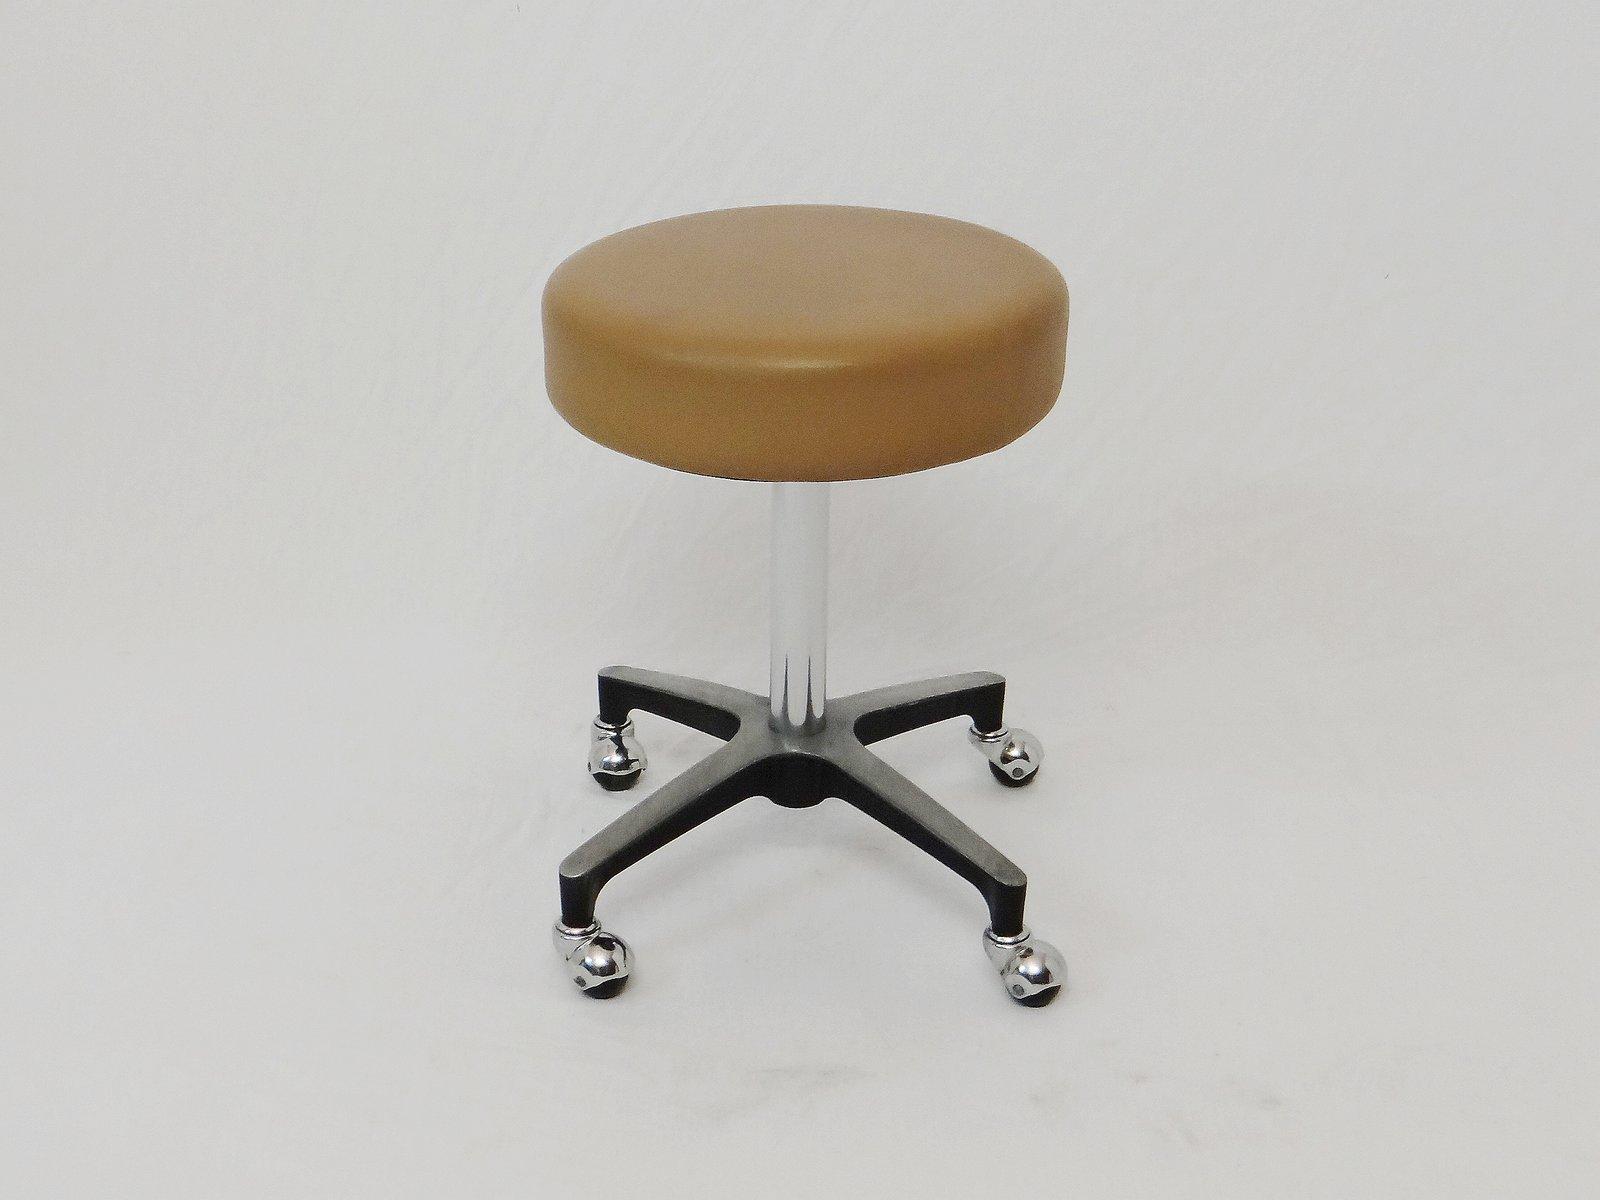 Sedie Di Metallo Vintage : Sedia vintage sedie ferro vintage pa regardsdefemmes